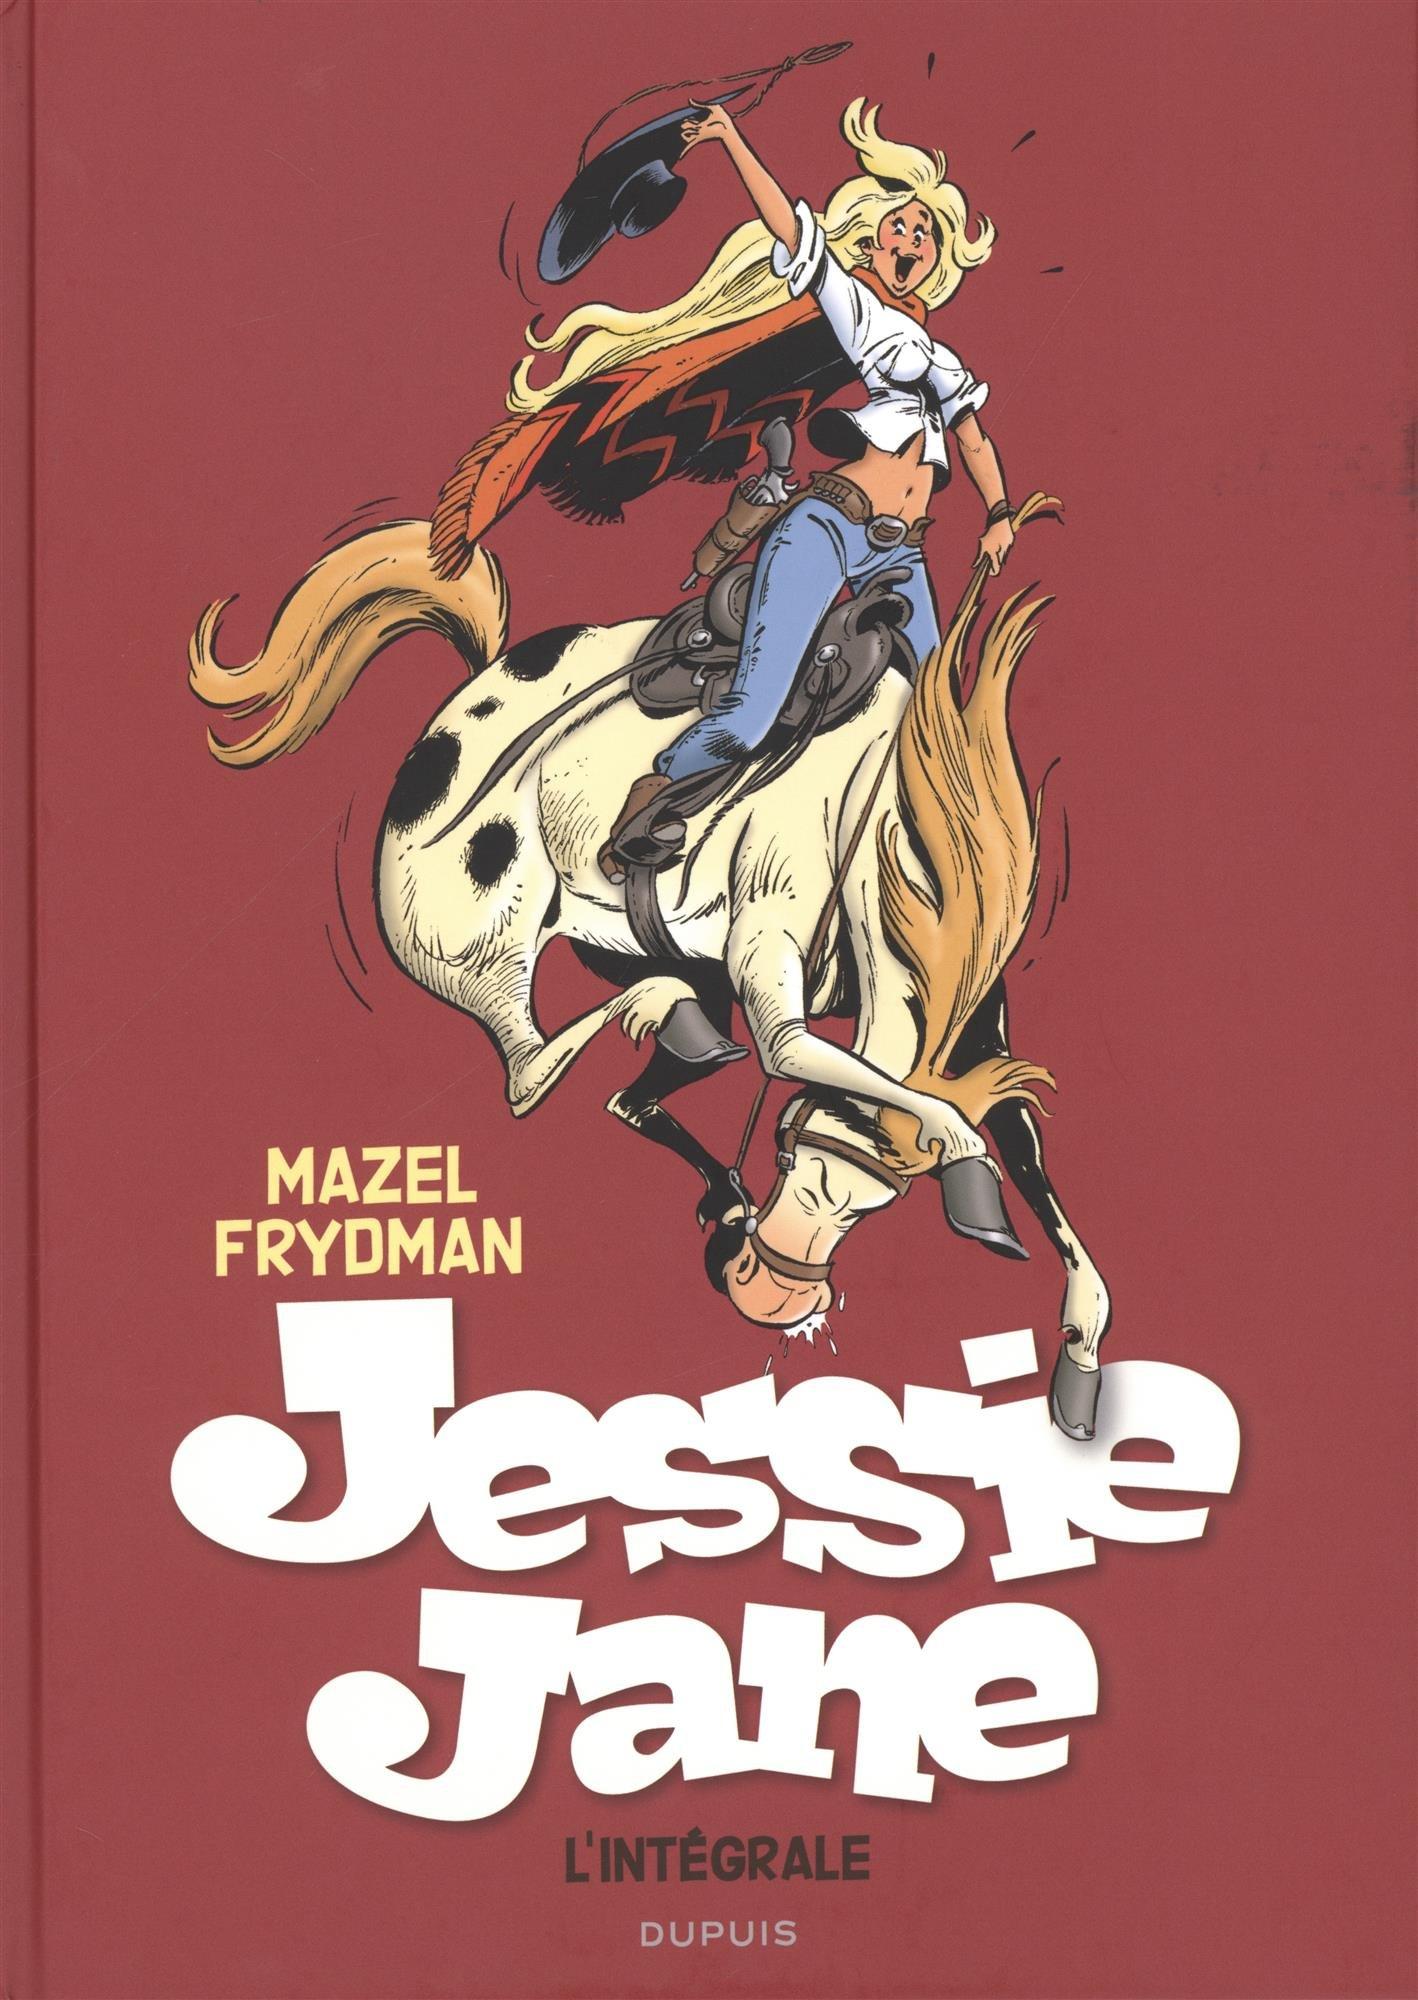 Jessie Jane - L'intégrale - tome 0 - Jessie Jane Intégrale Album – 1 septembre 2017 Mazel Frydman Gérald Dupuis 280017062X